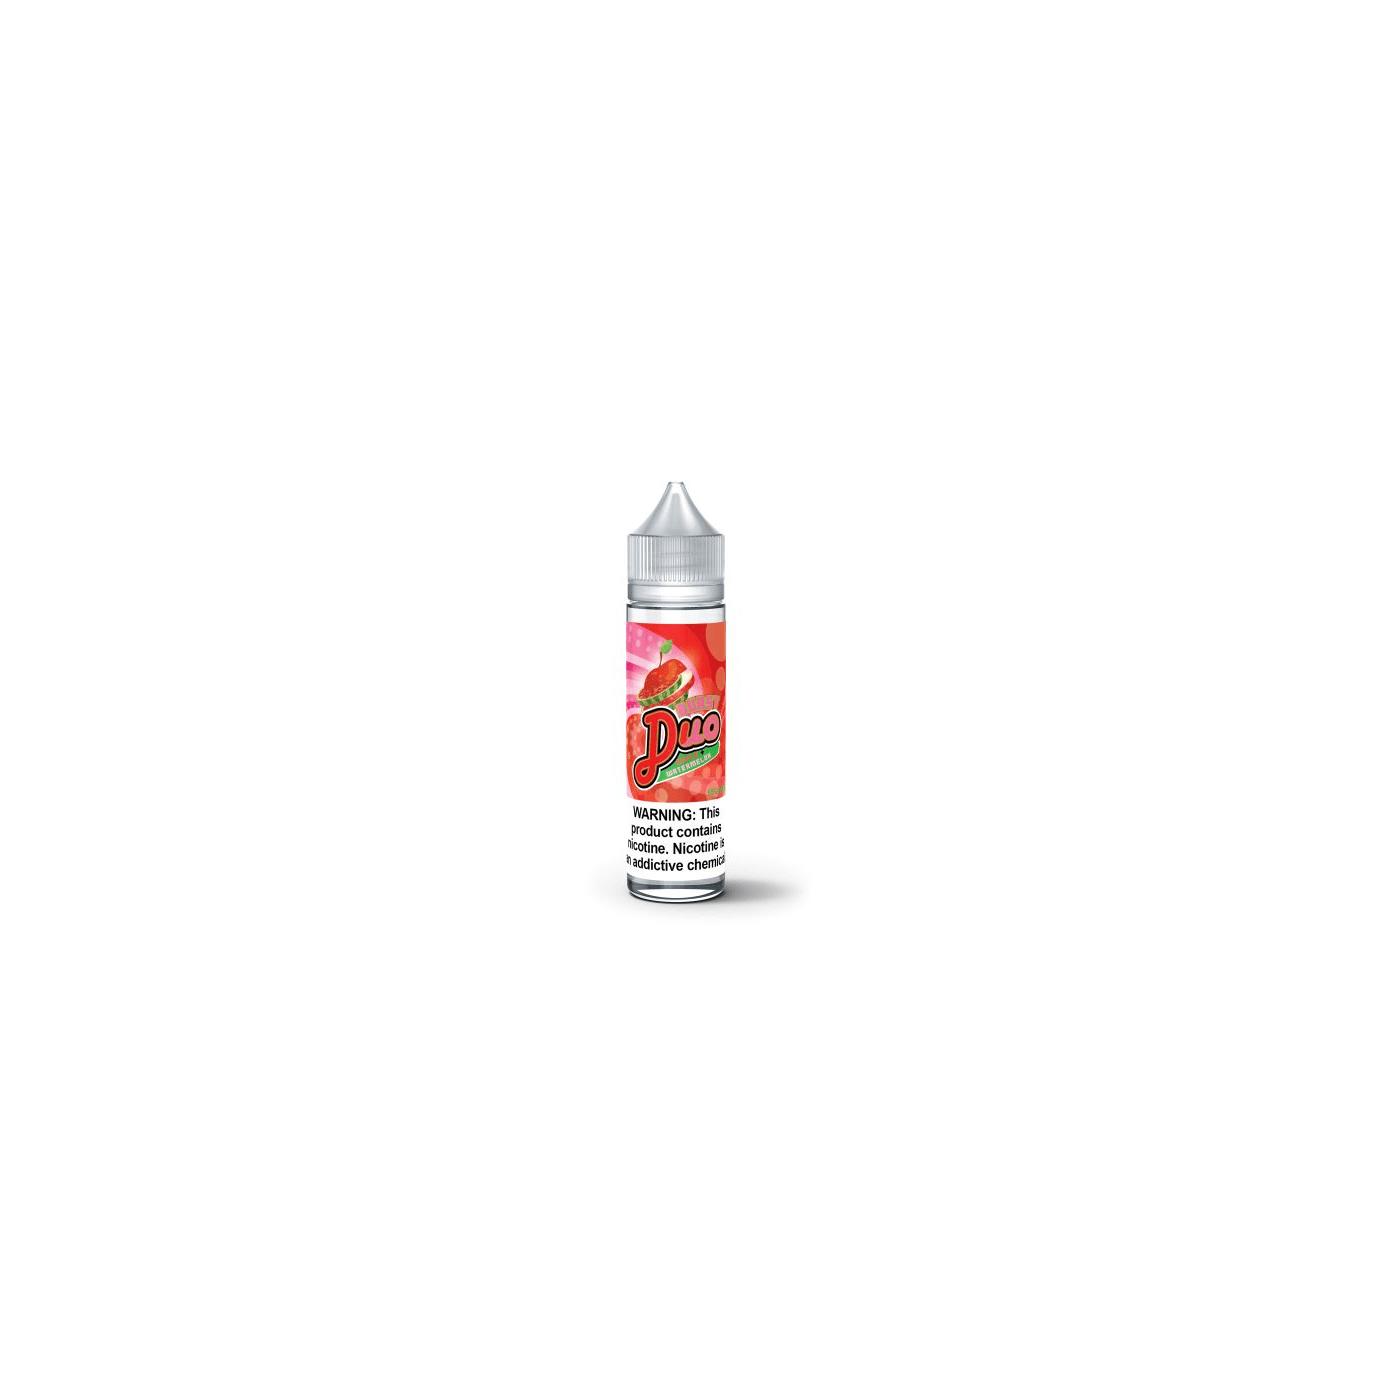 Burst Duo E-liquid - Apple Watermelon 60ml E-Juice